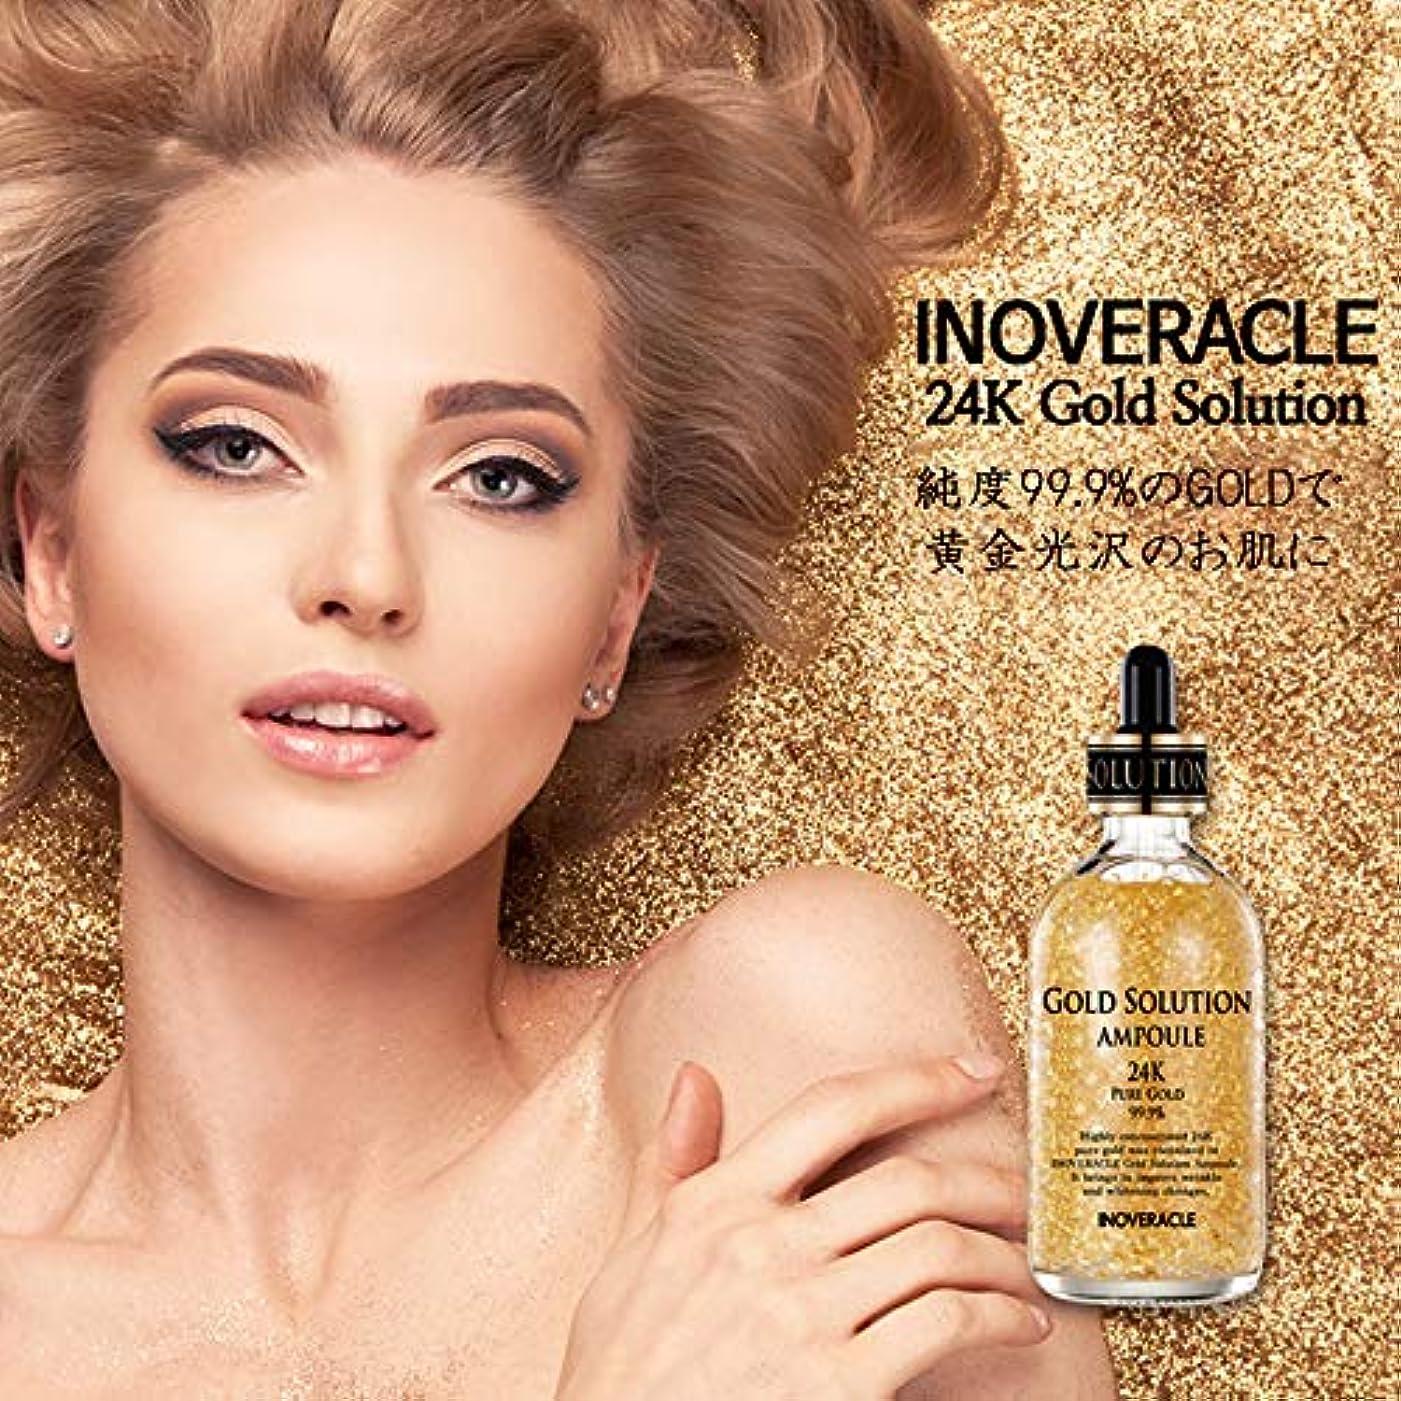 優れた著者口頭INOVERACLE GOLD SOLUTION AMPOULE 24K 99.9% 純金 アンプル 100ml 美容液 スキンケア 韓国化粧品 光沢お肌 美白美容液